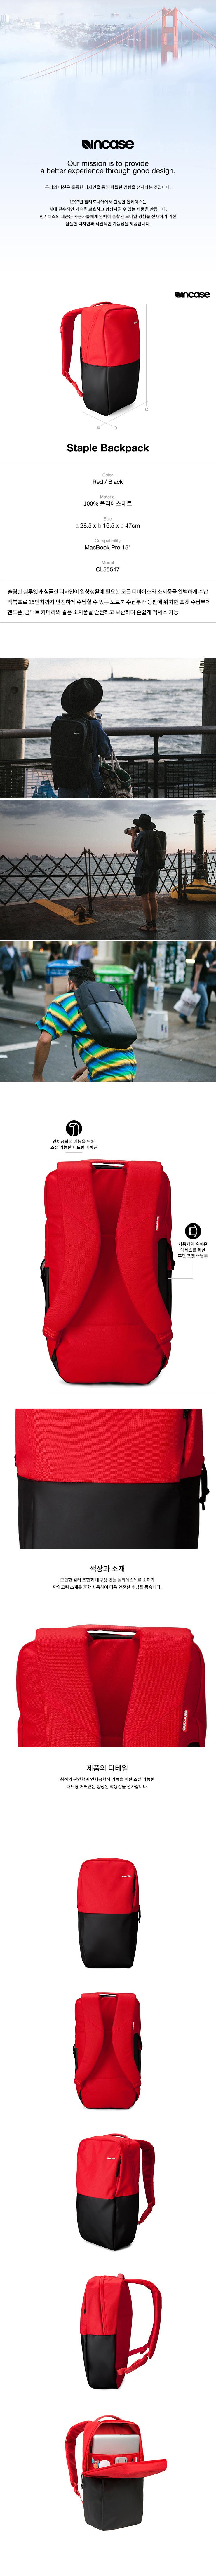 [인케이스]INCASE - Staple Backpack CL55547 (Red/Black) 인케이스백팩 정품 백팩 가방 노트북가방 노트북백팩 15인치 15인치맥북 맥북가방